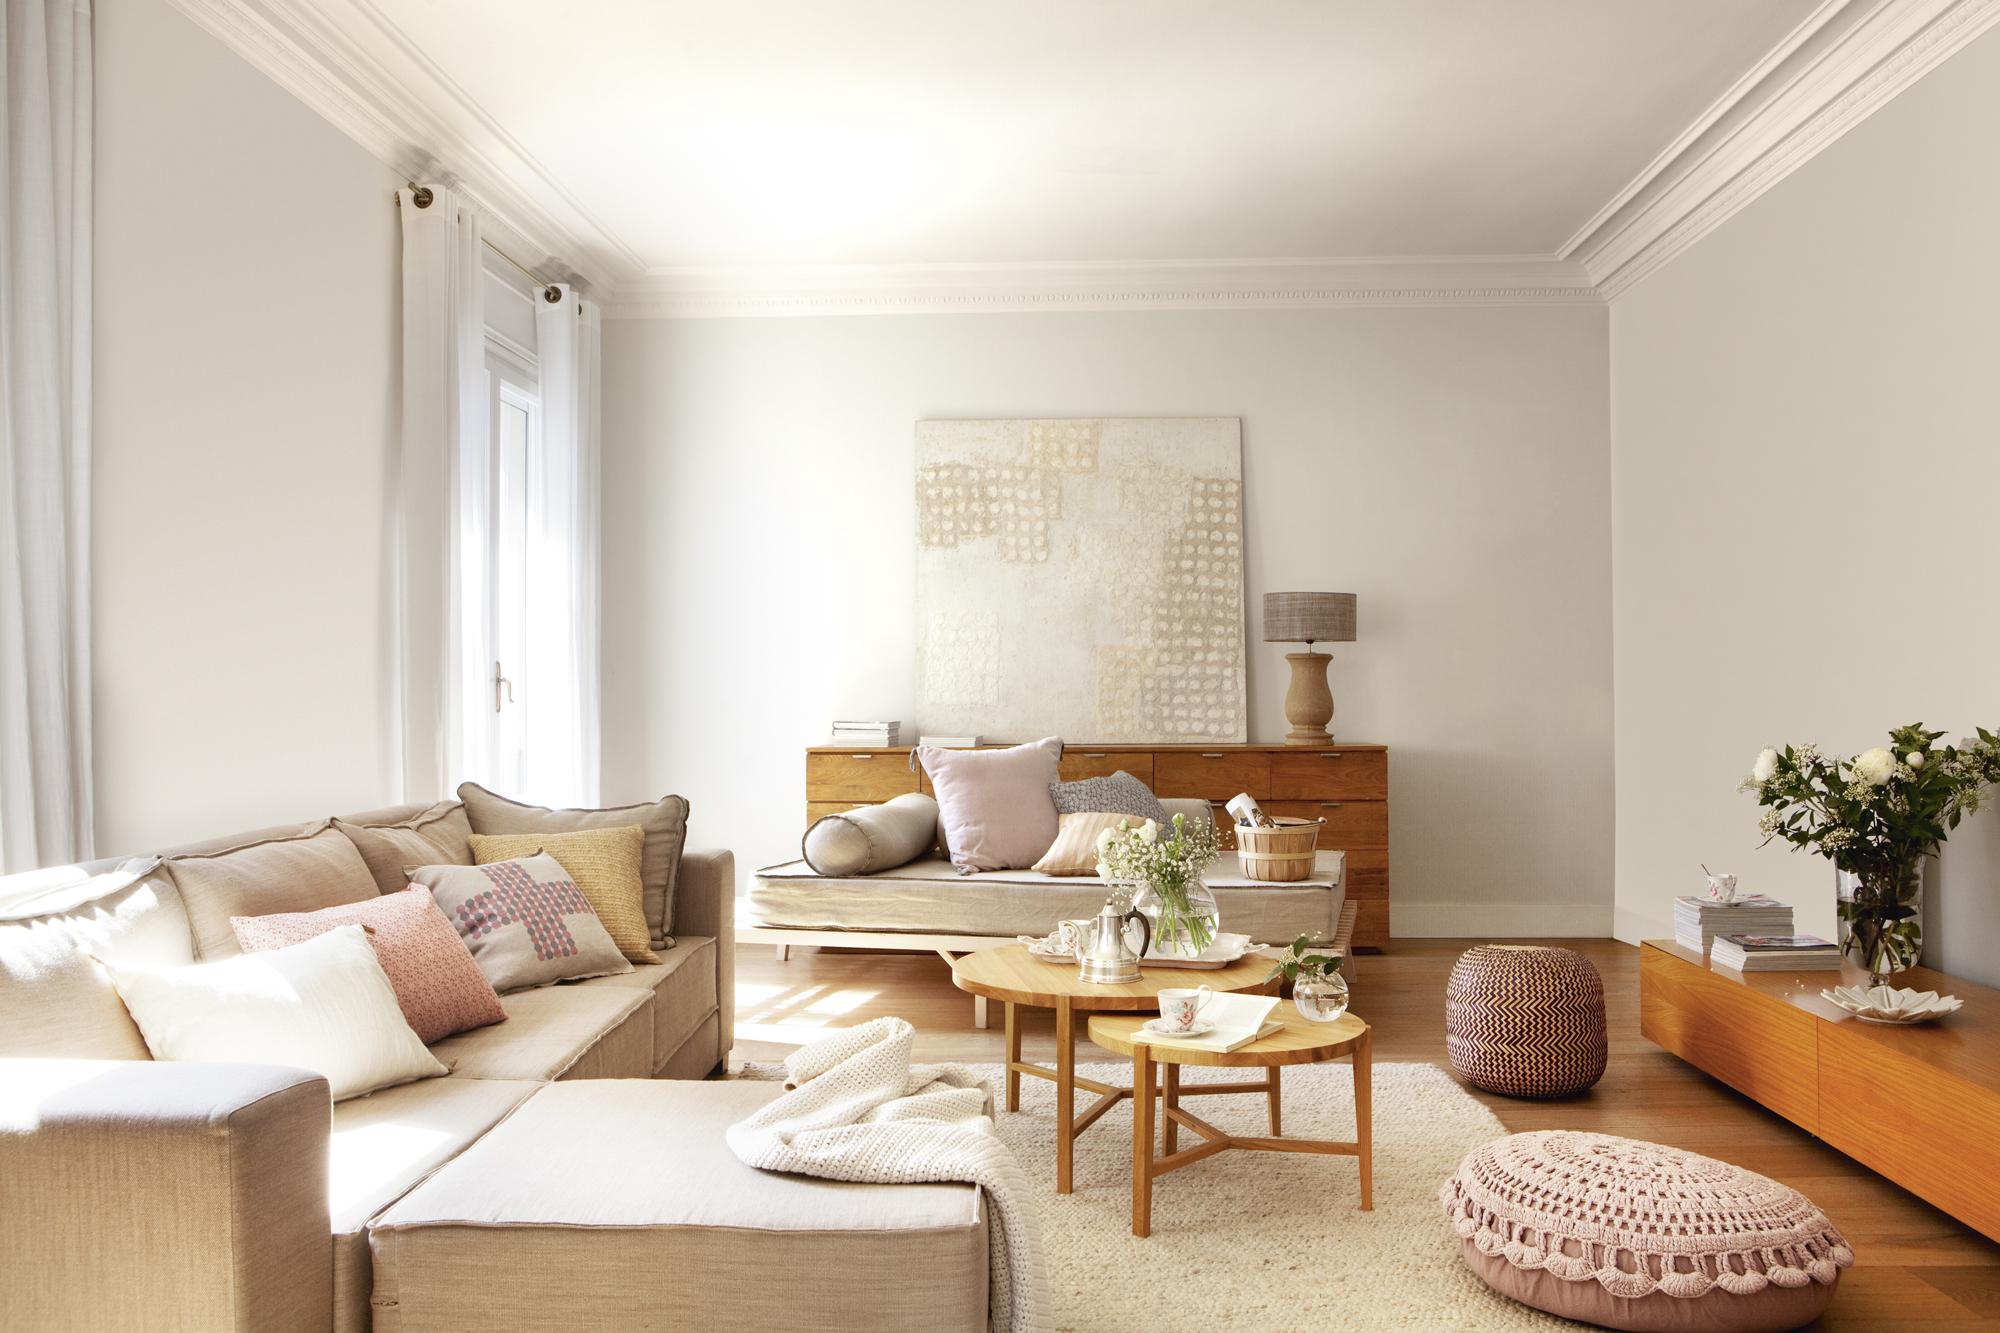 saln blanco con sof con chaise longue mesas de centro nido redondas pufs rosas